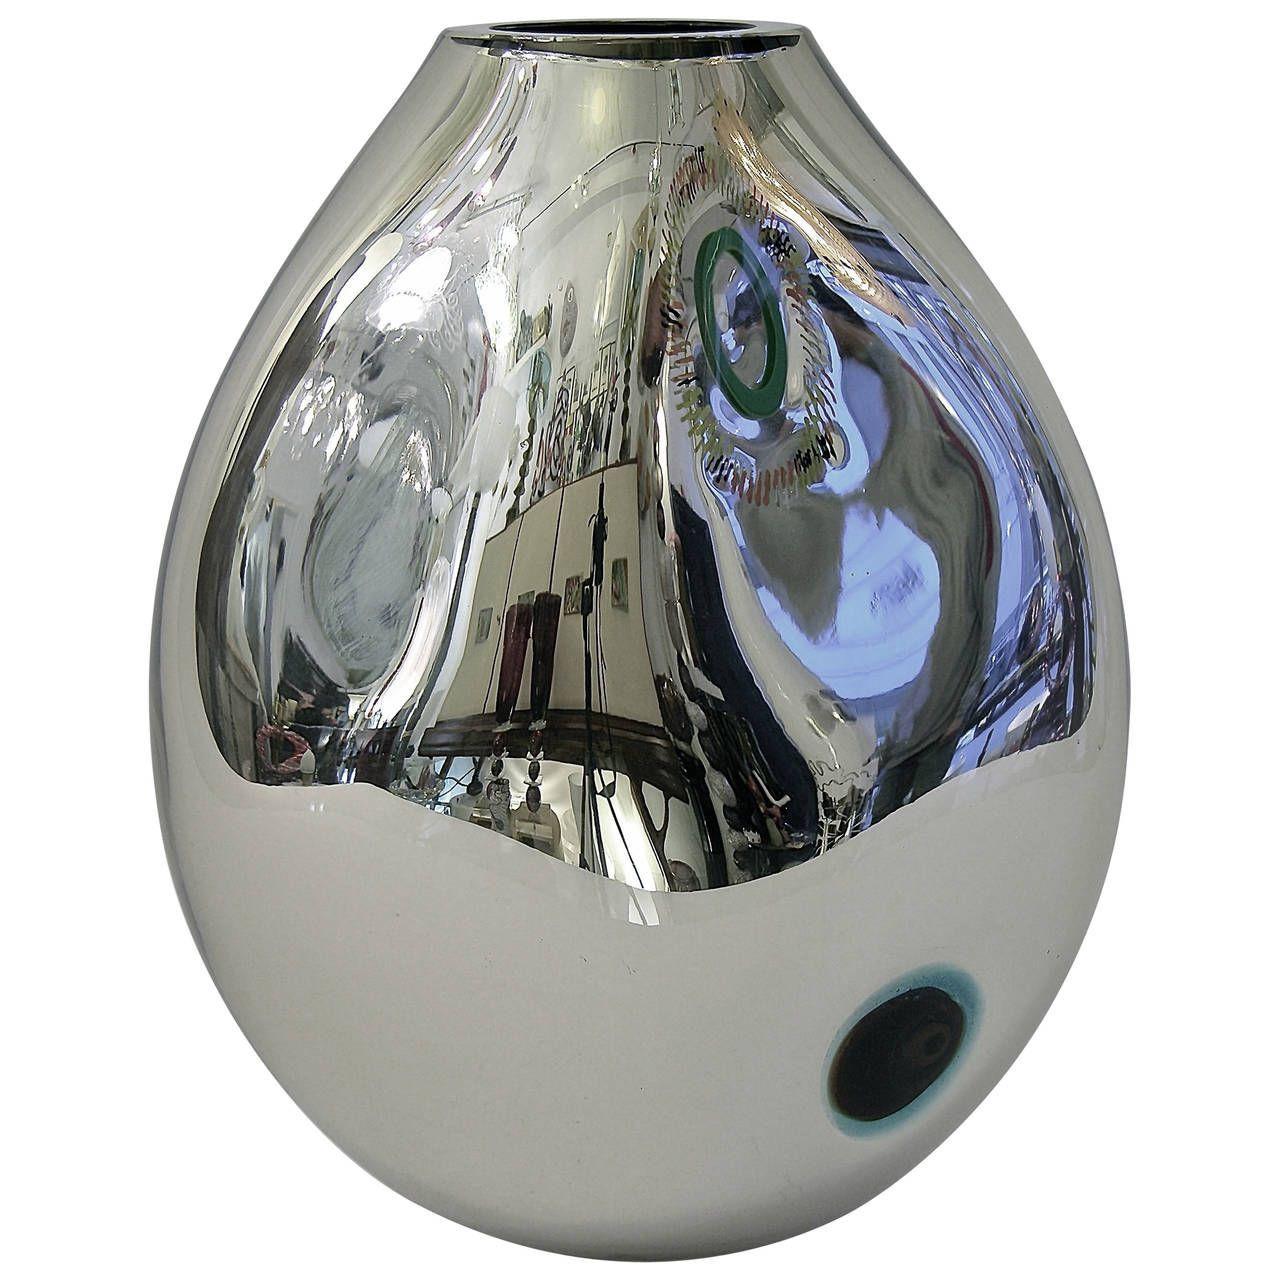 murano glass vase of 18 best of murano glass vase bogekompresorturkiye com pertaining to contemporary design exclusive silver mirrored murano glass vase by davide dona